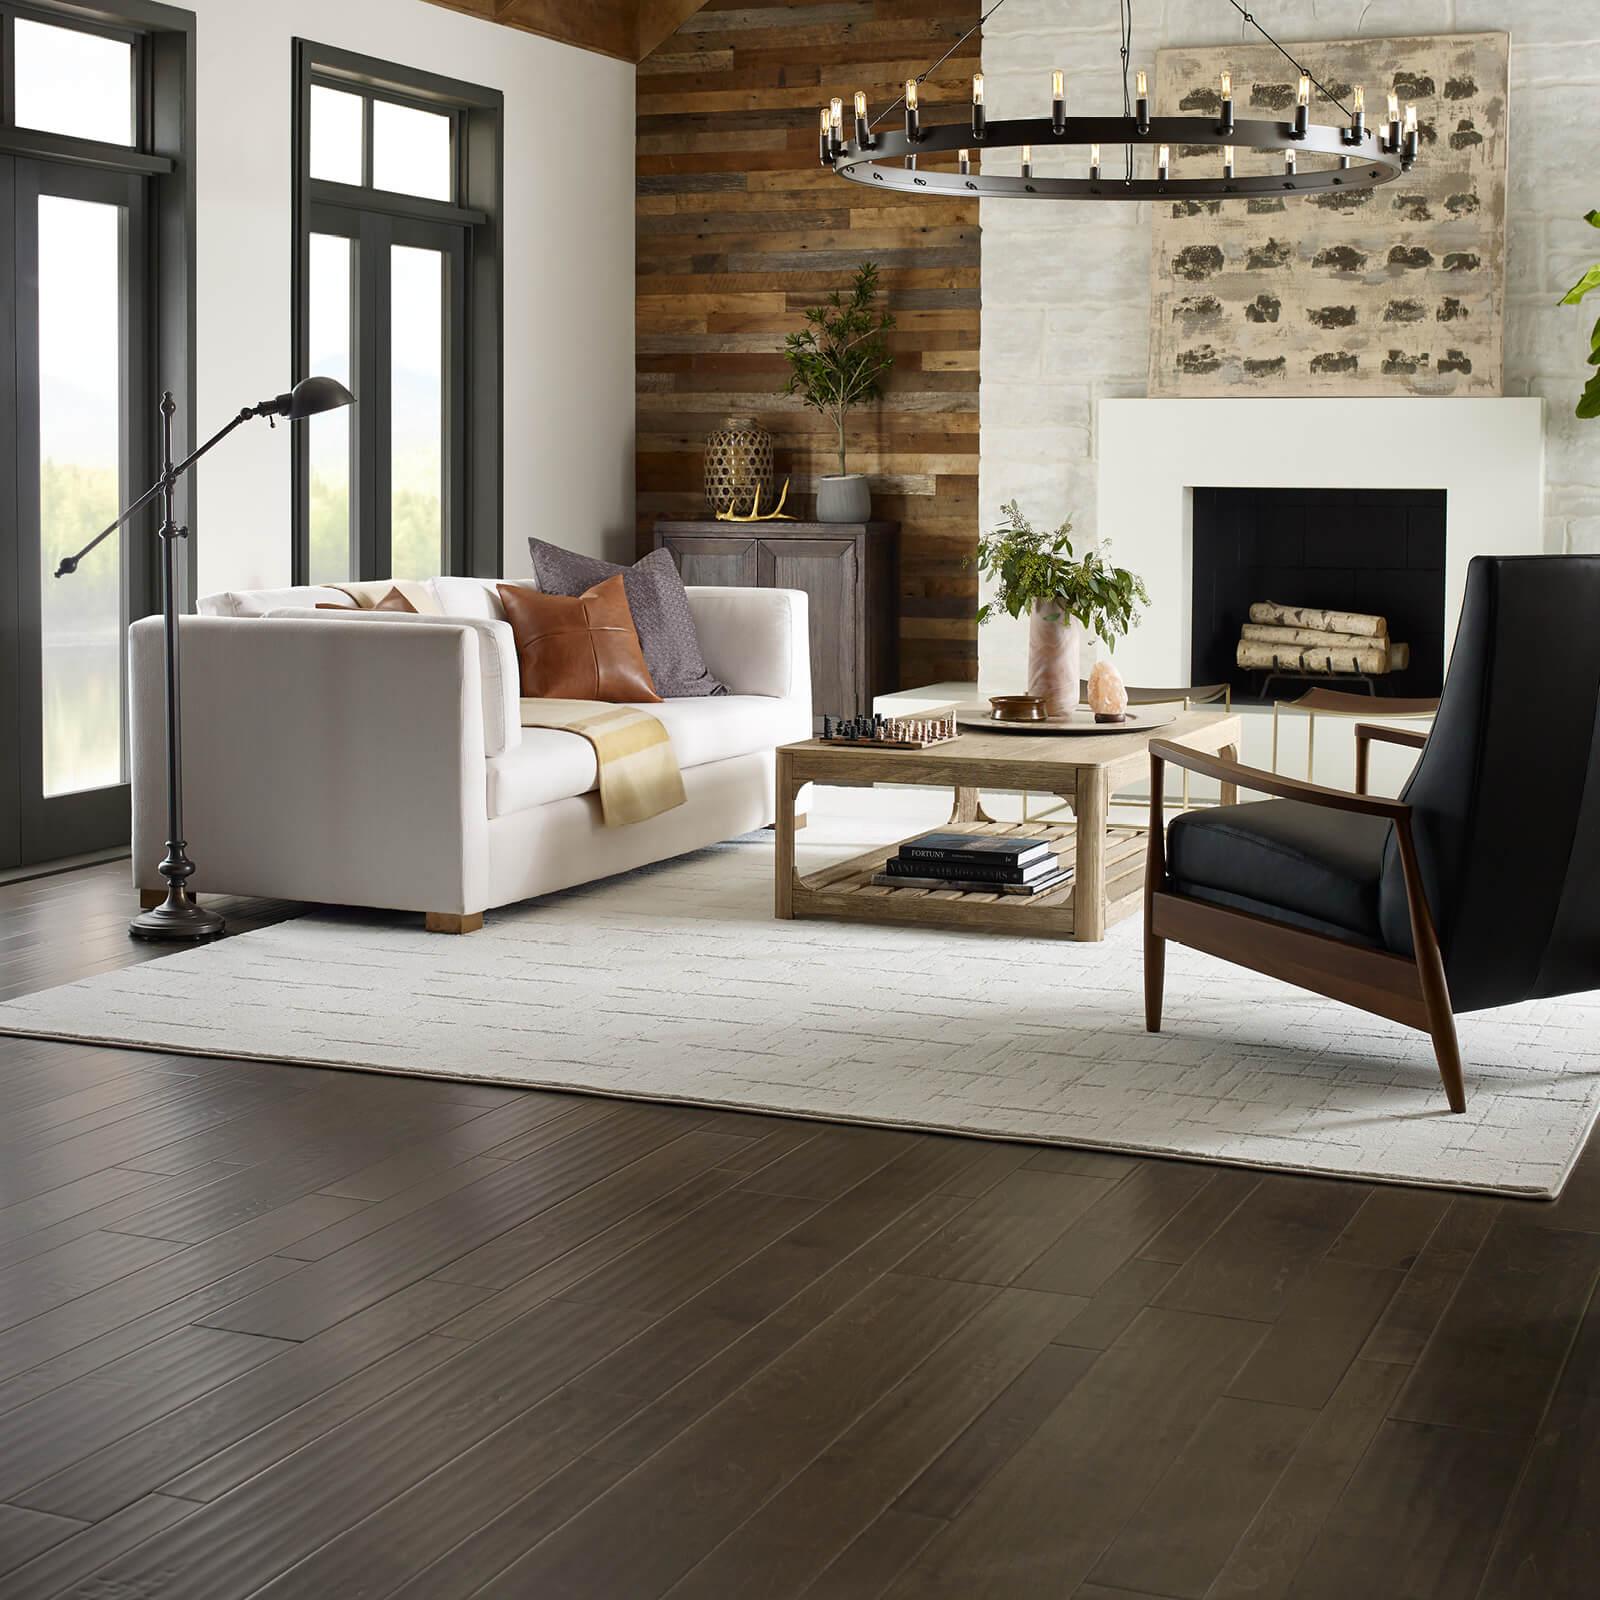 Key West hardwood Flooring | Flooring by Wilson's Carpet Plus